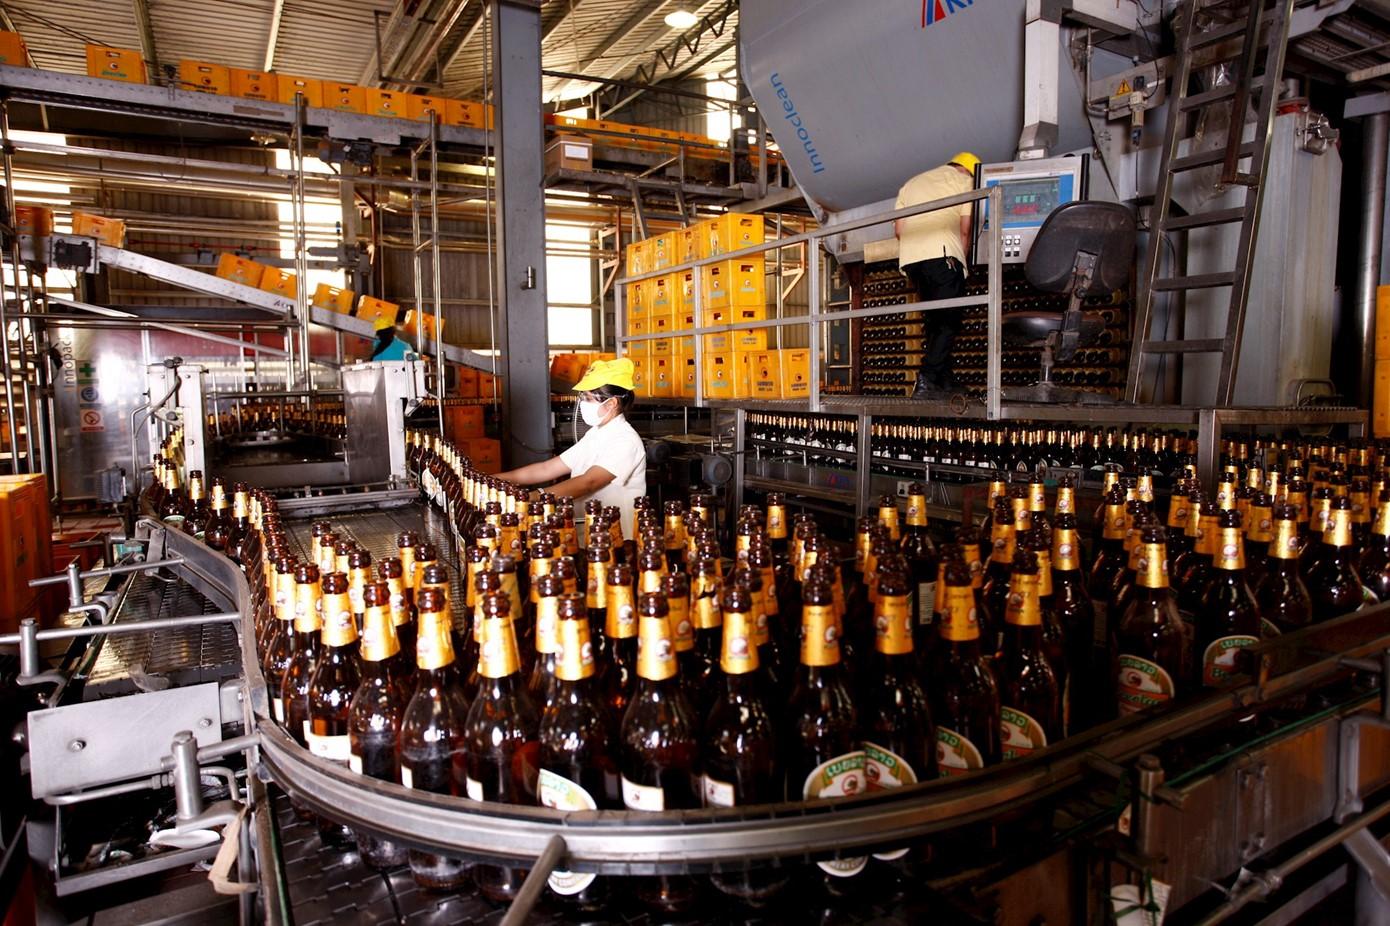 ứng dụng công nghệ UASB vào xử lý nước thải sản xuất bia, rượu